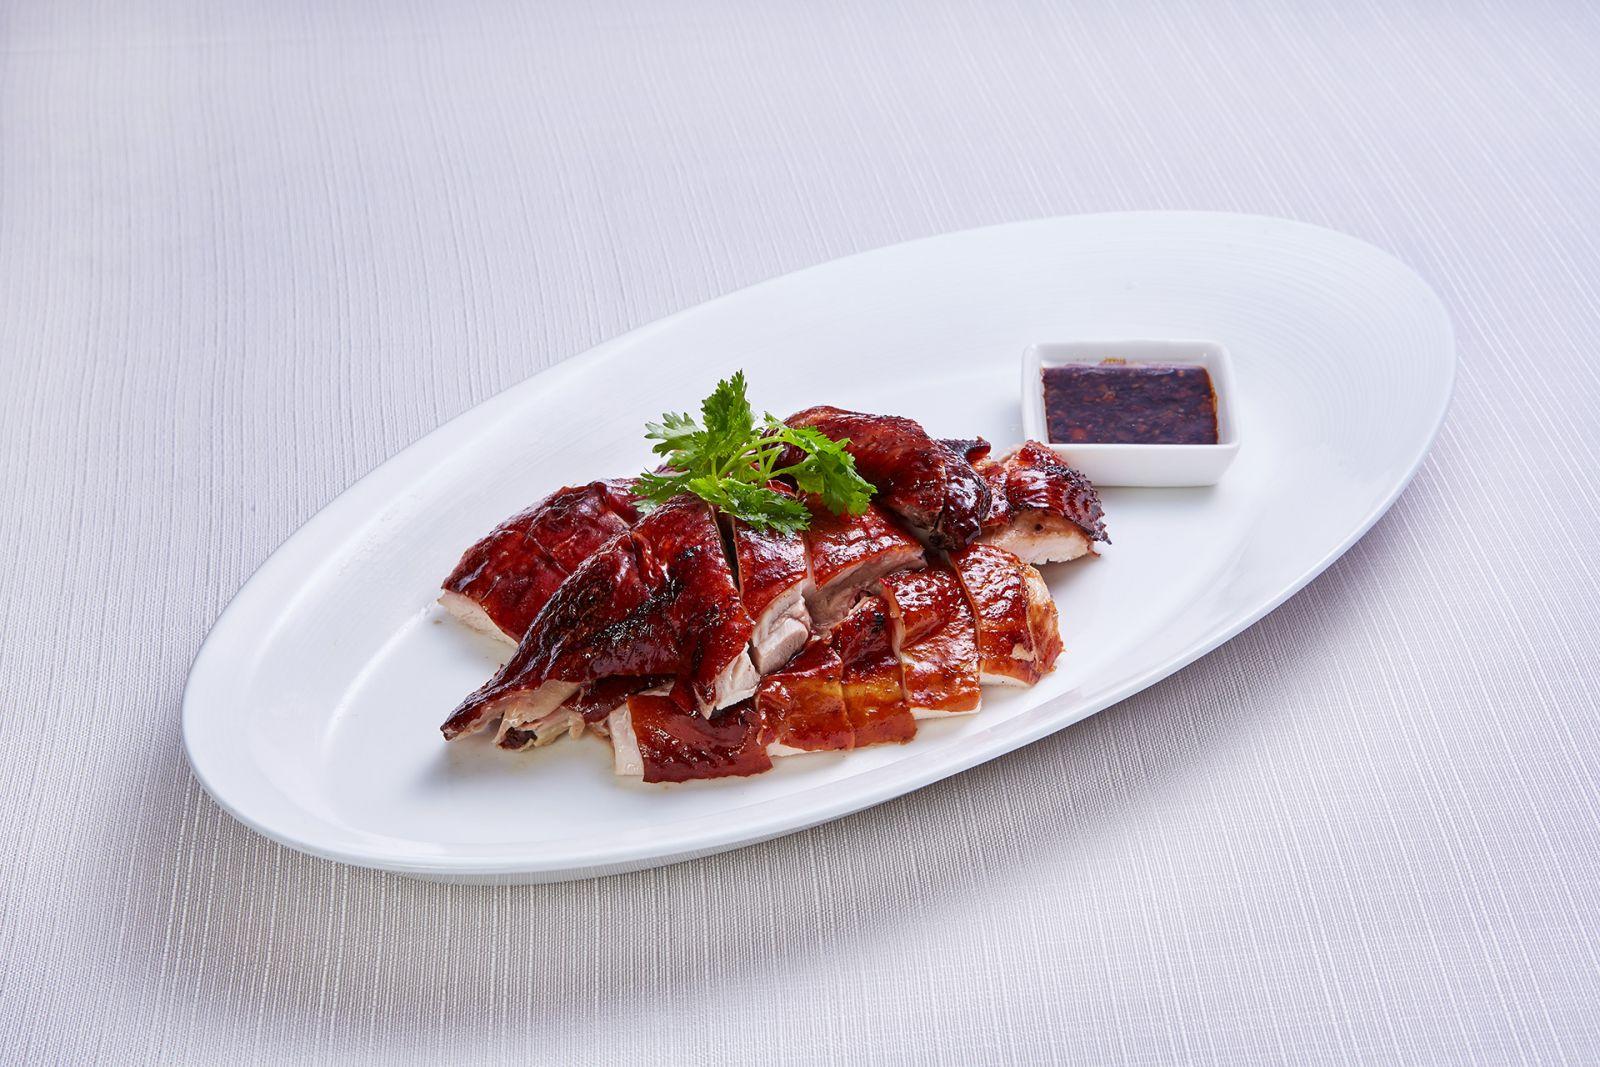 高雄國賓大飯店粵菜廳豉油皇燒雞蘿沙母